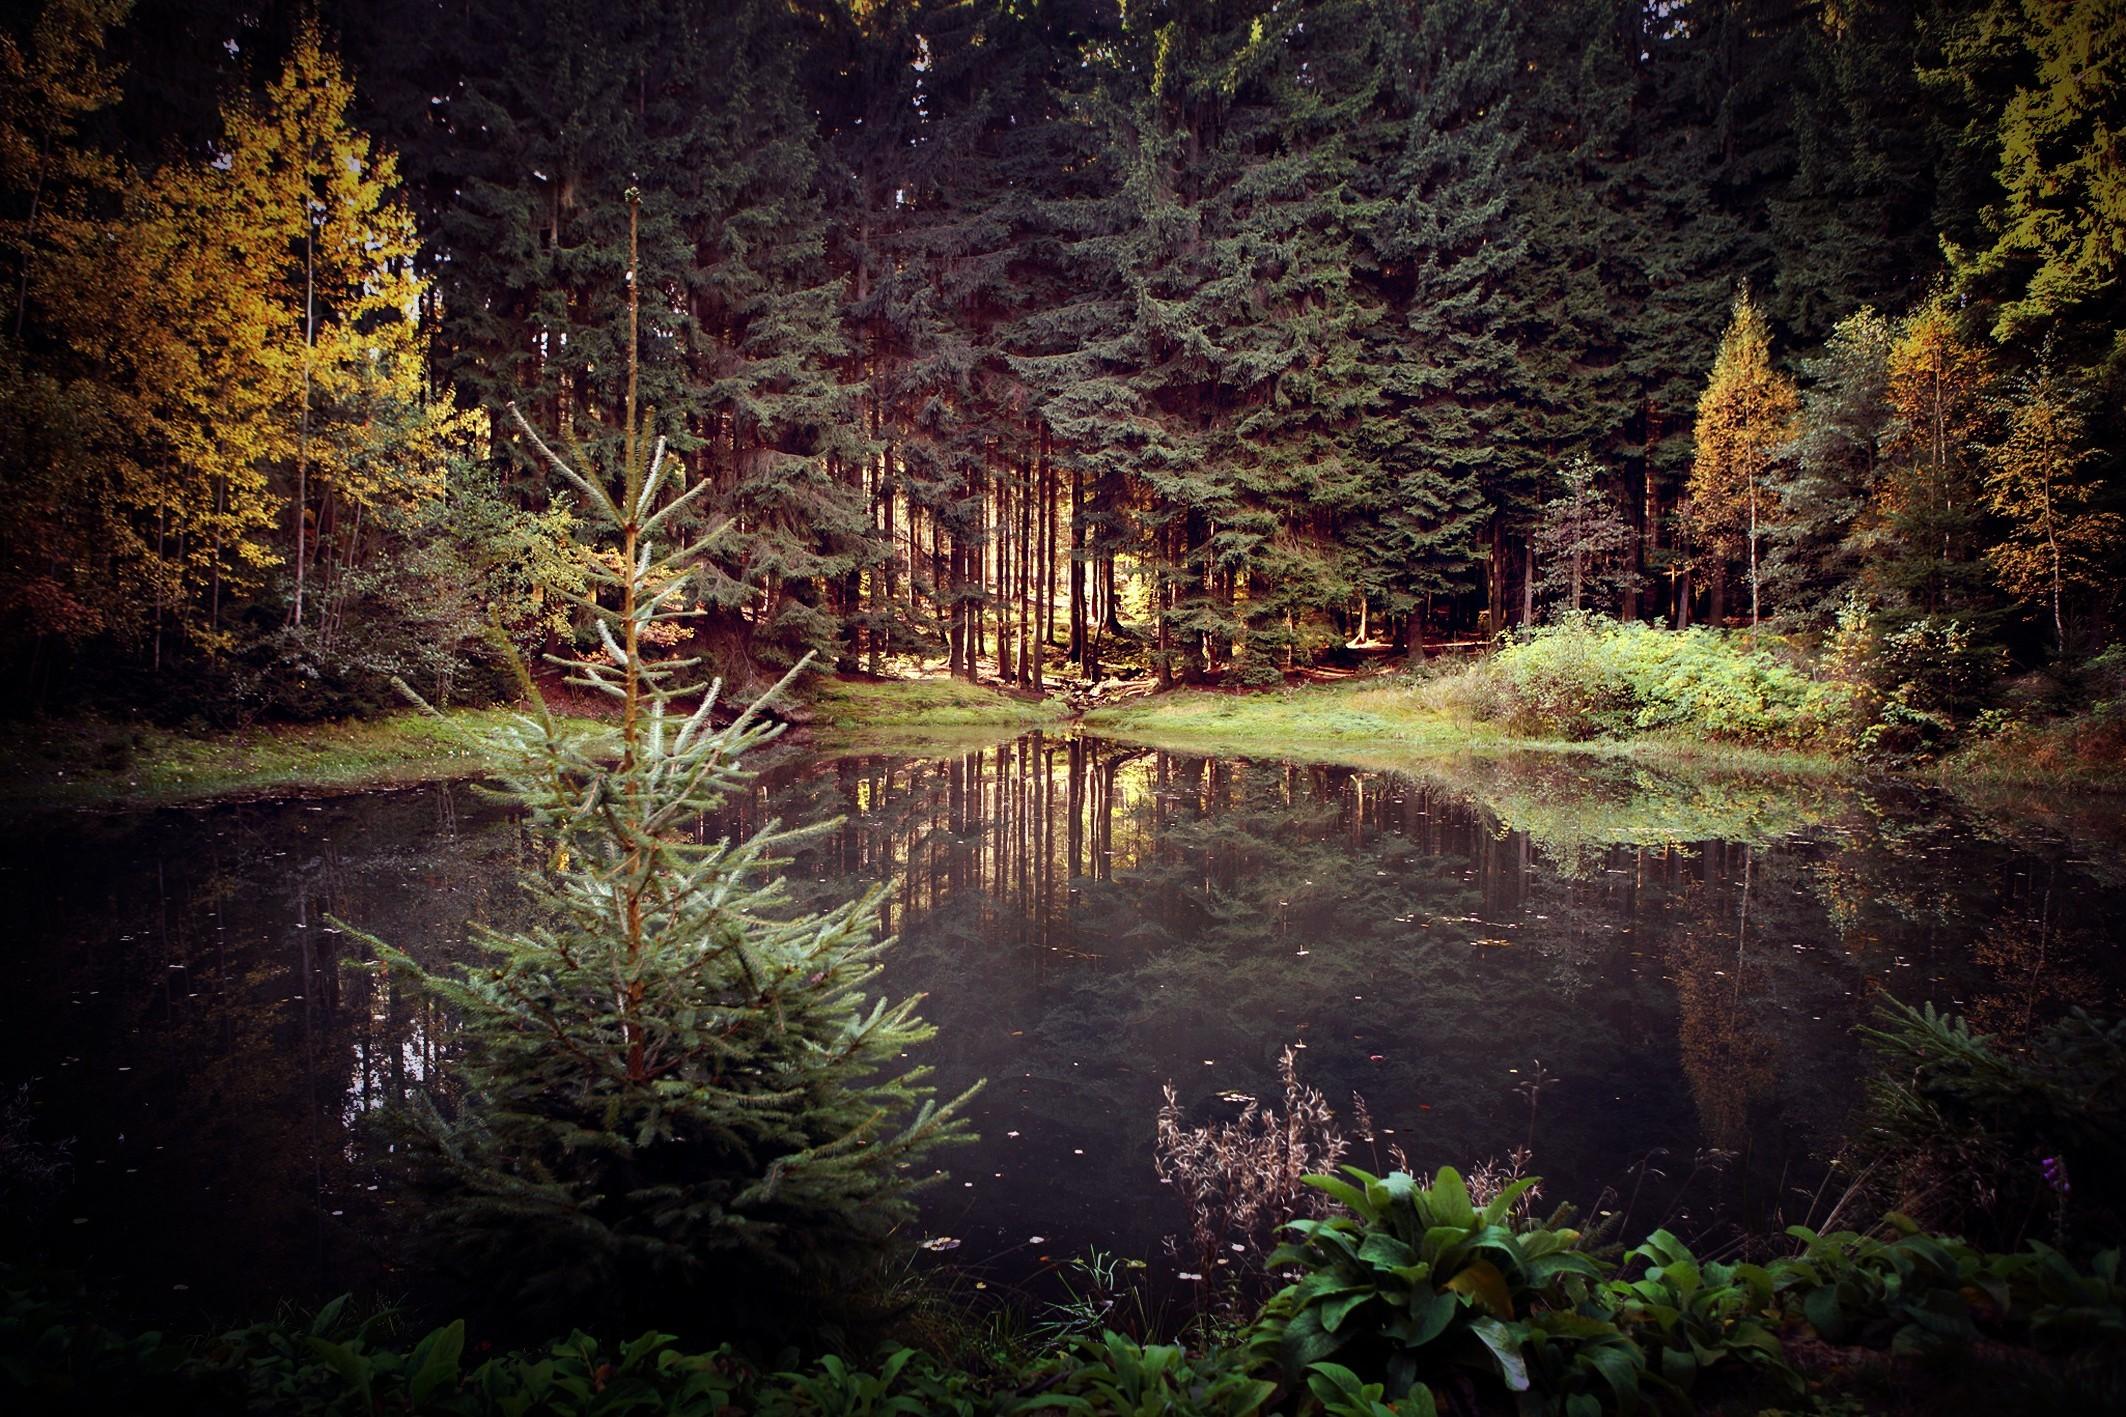 красивые картинки с лесом и водой настоящие фото декоративного